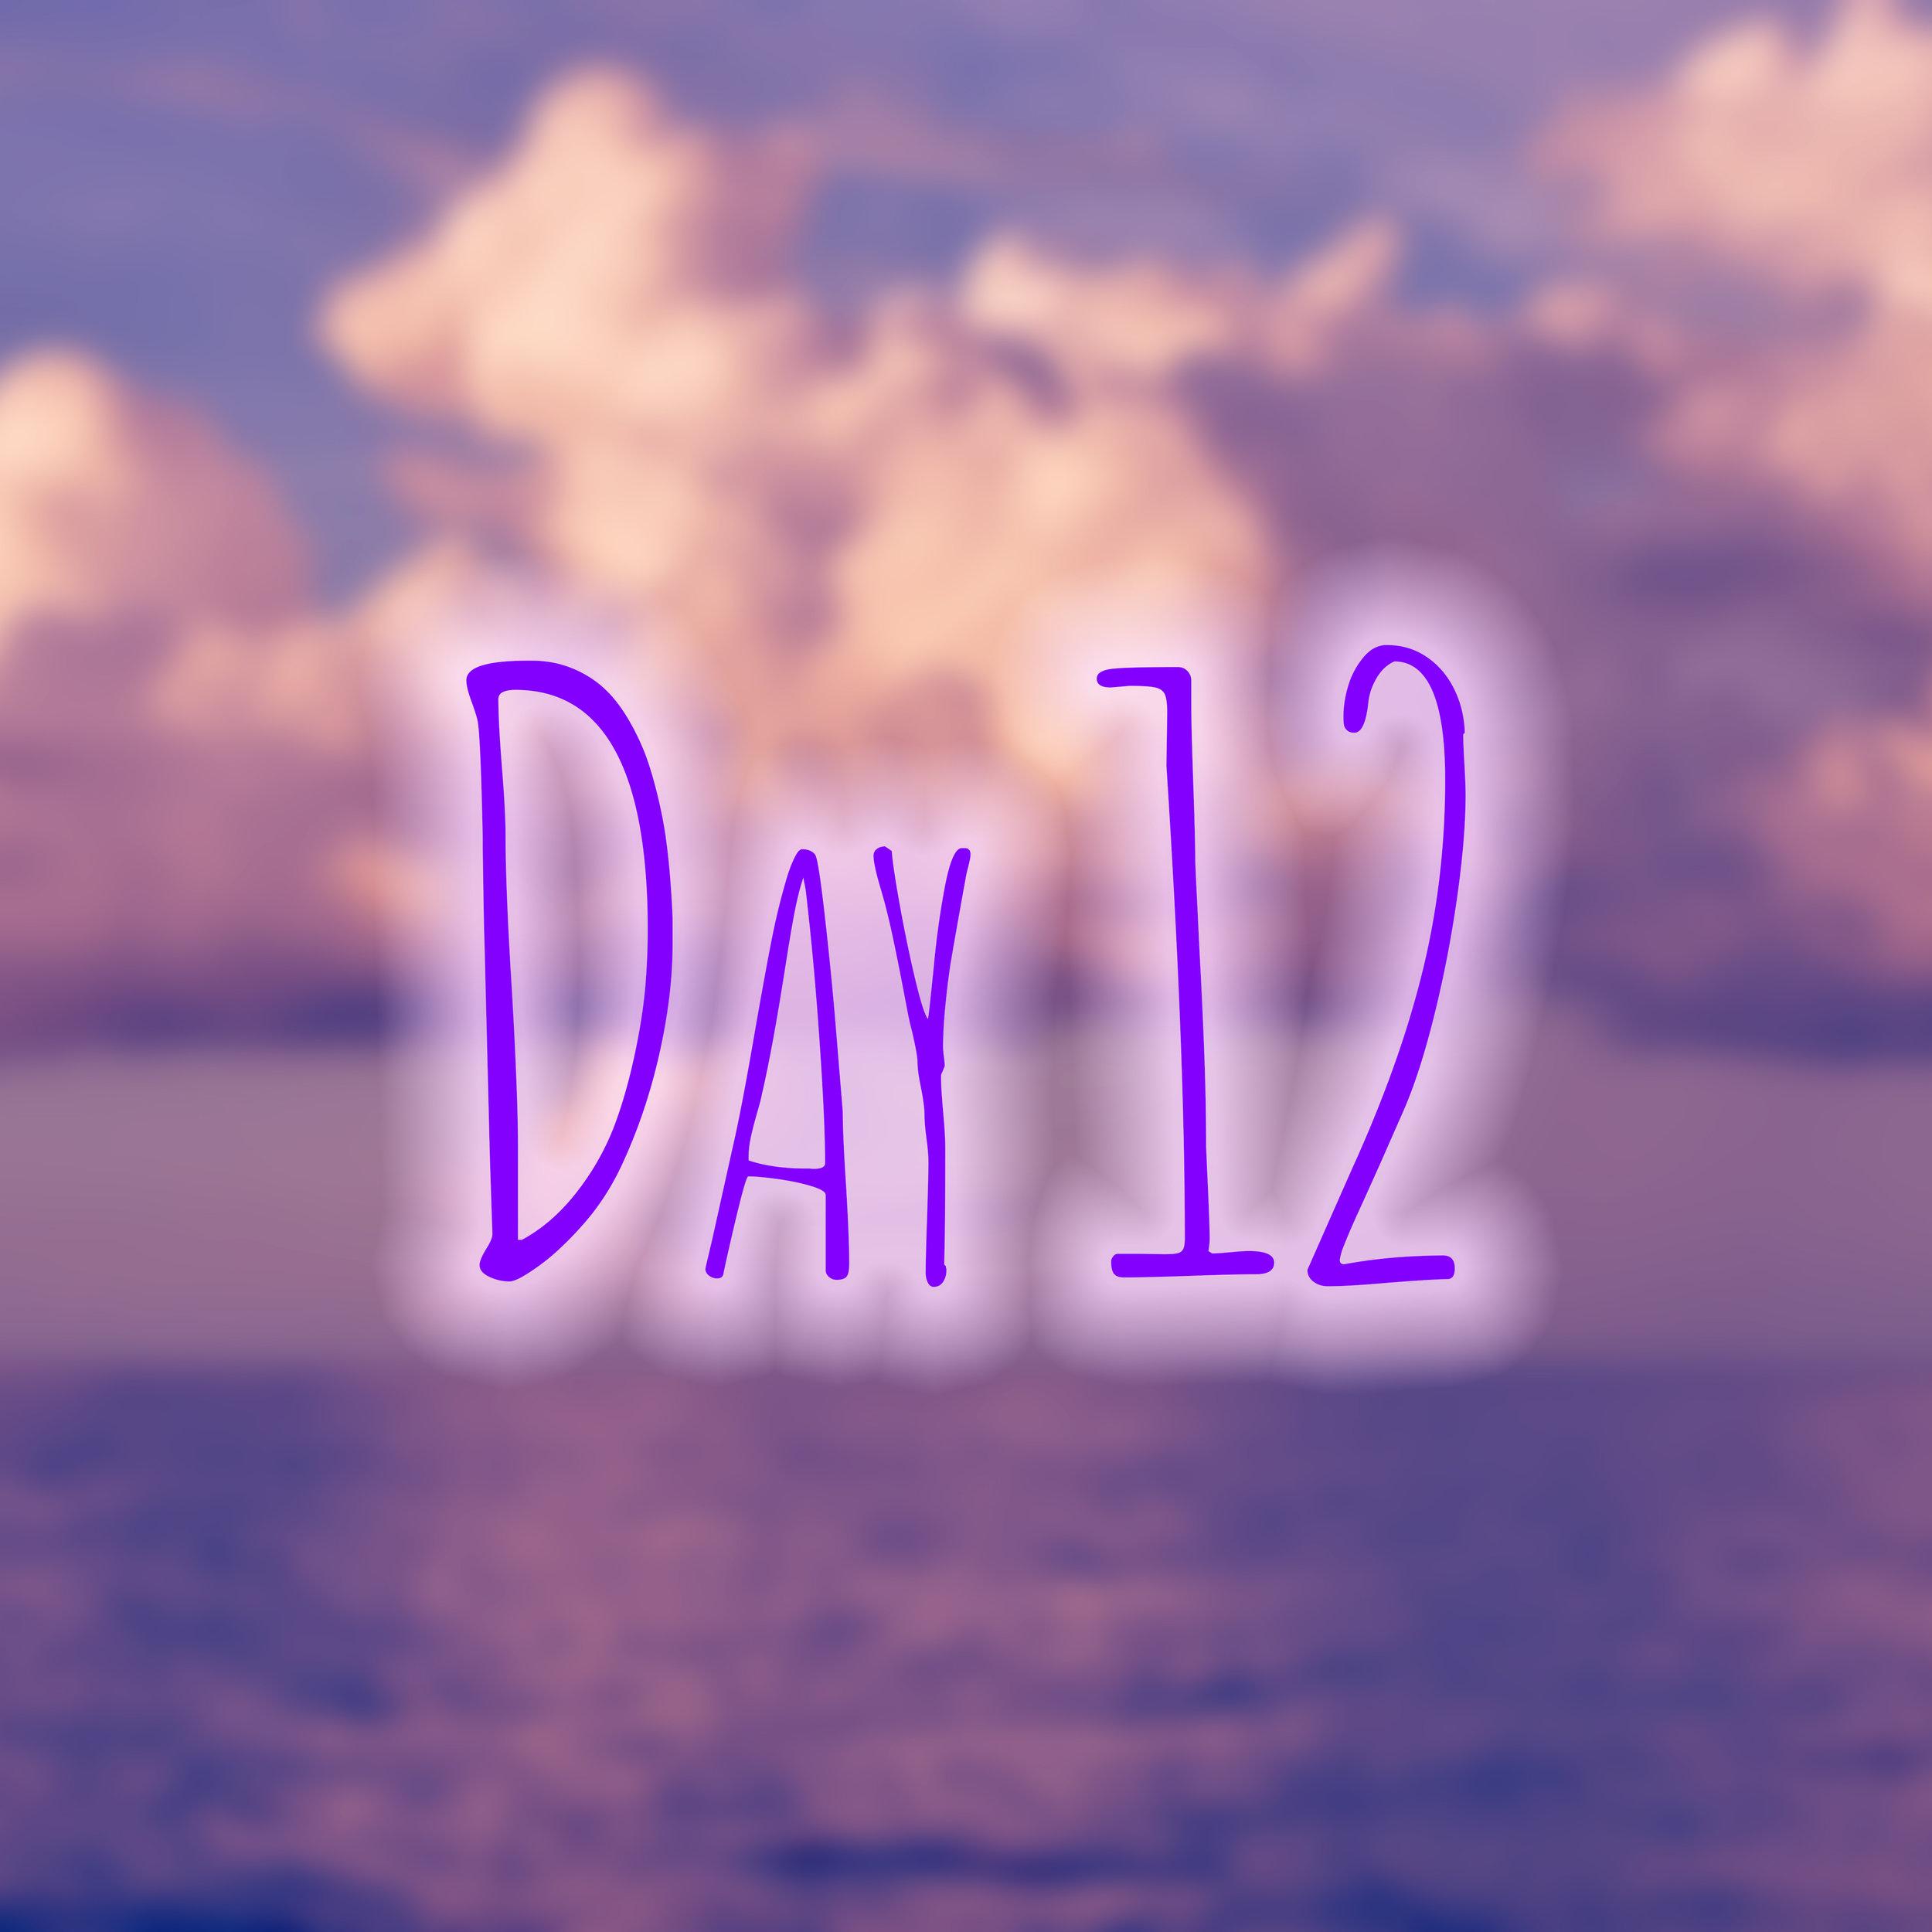 day12b.jpg